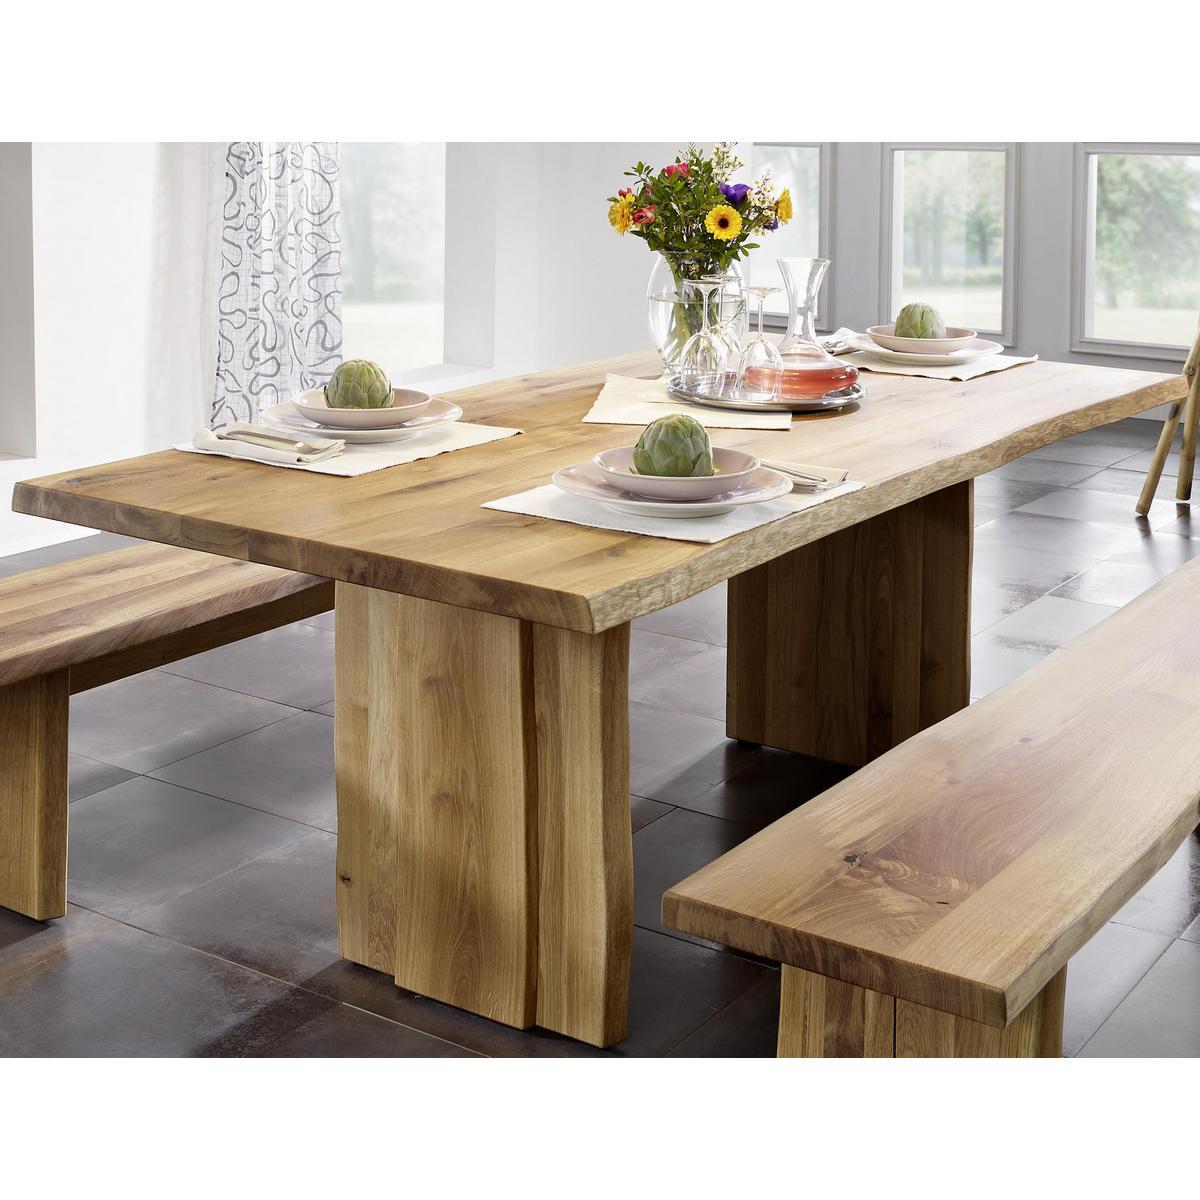 Massivholz baumtisch esstisch k chen tisch 240x100 holz for Esstisch 240x100